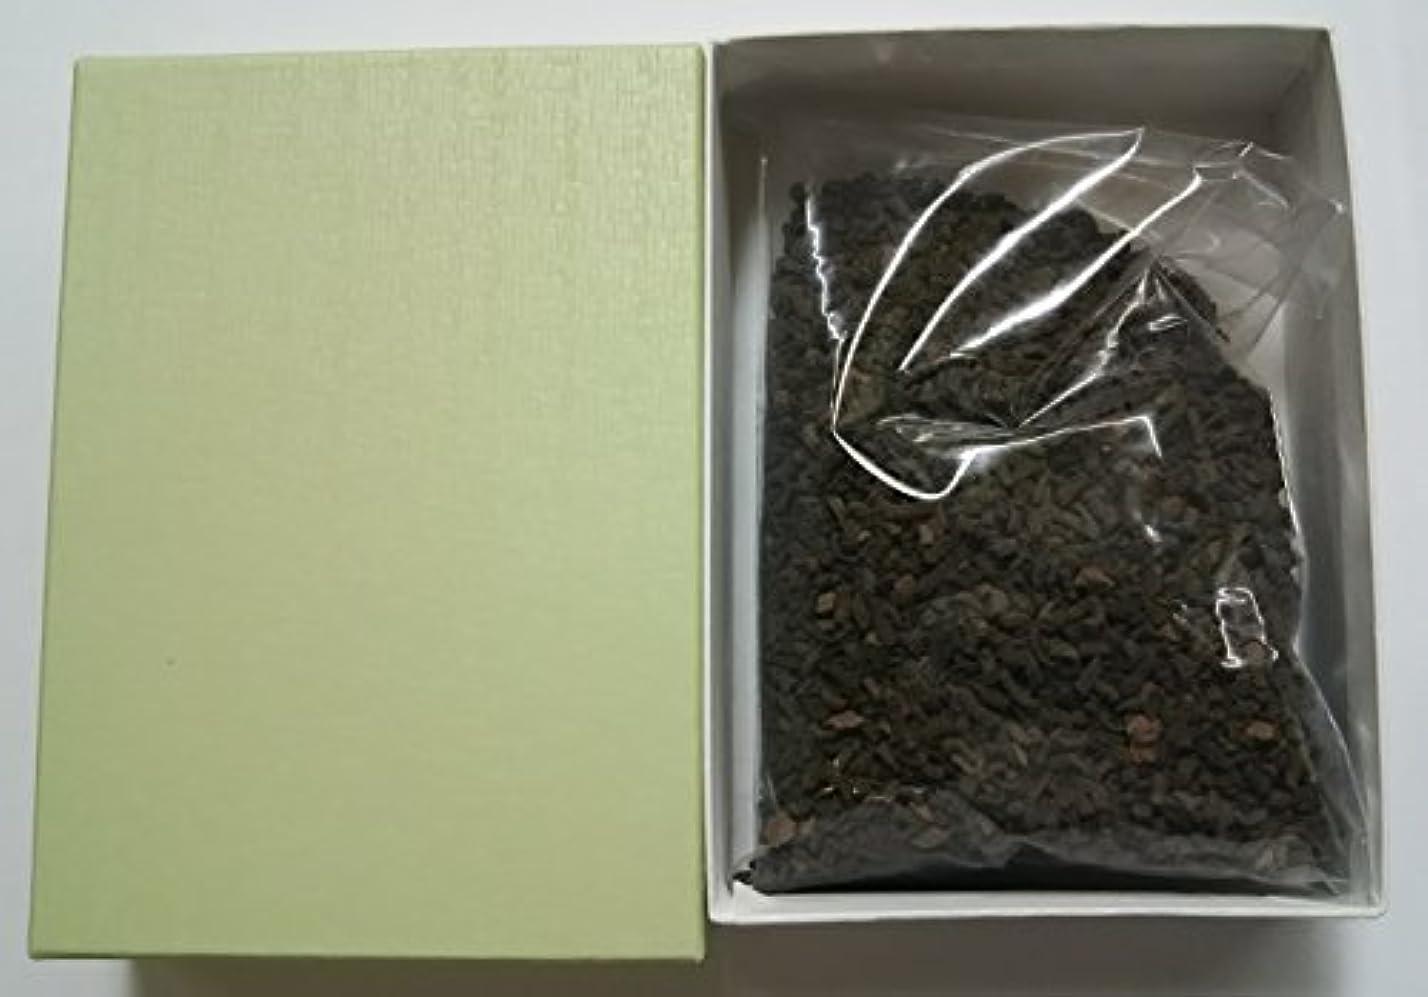 収入。モッキンバード煙の少ない黒沈香木 G89 高級お香 お焼香用 けむりの少ないお香 お焼香 agarwood